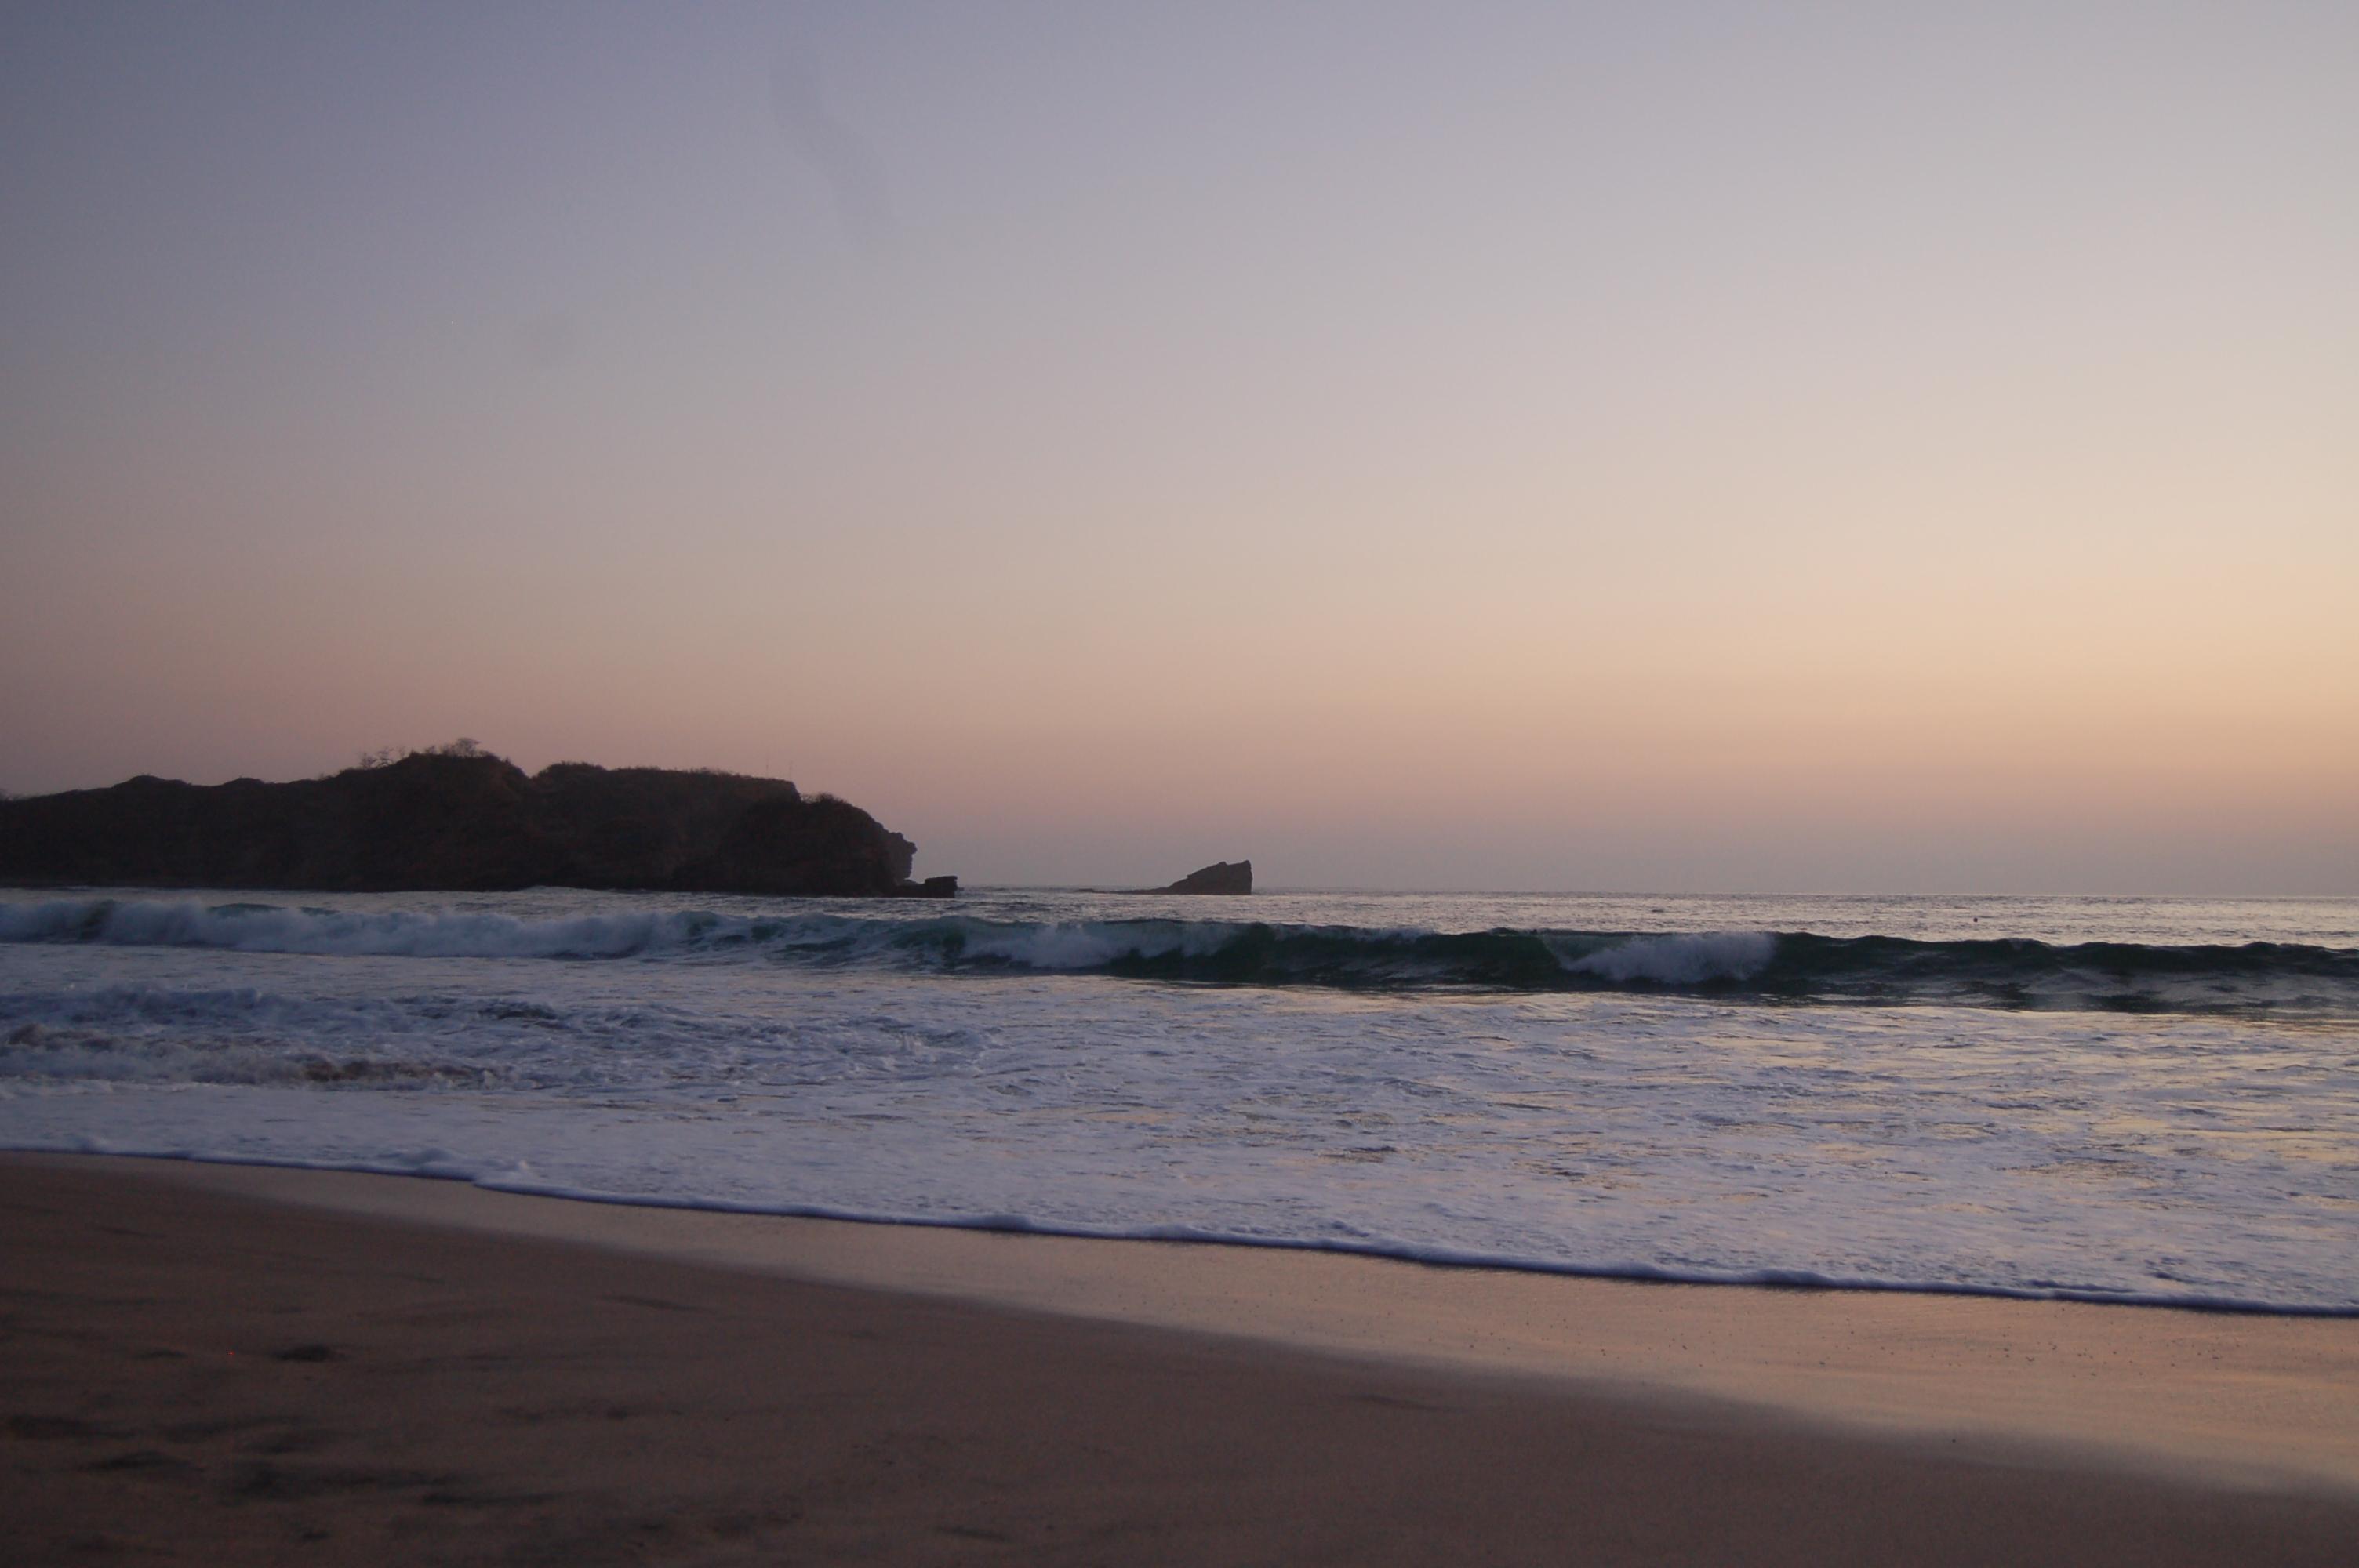 Playa Guiones, Costa Rica